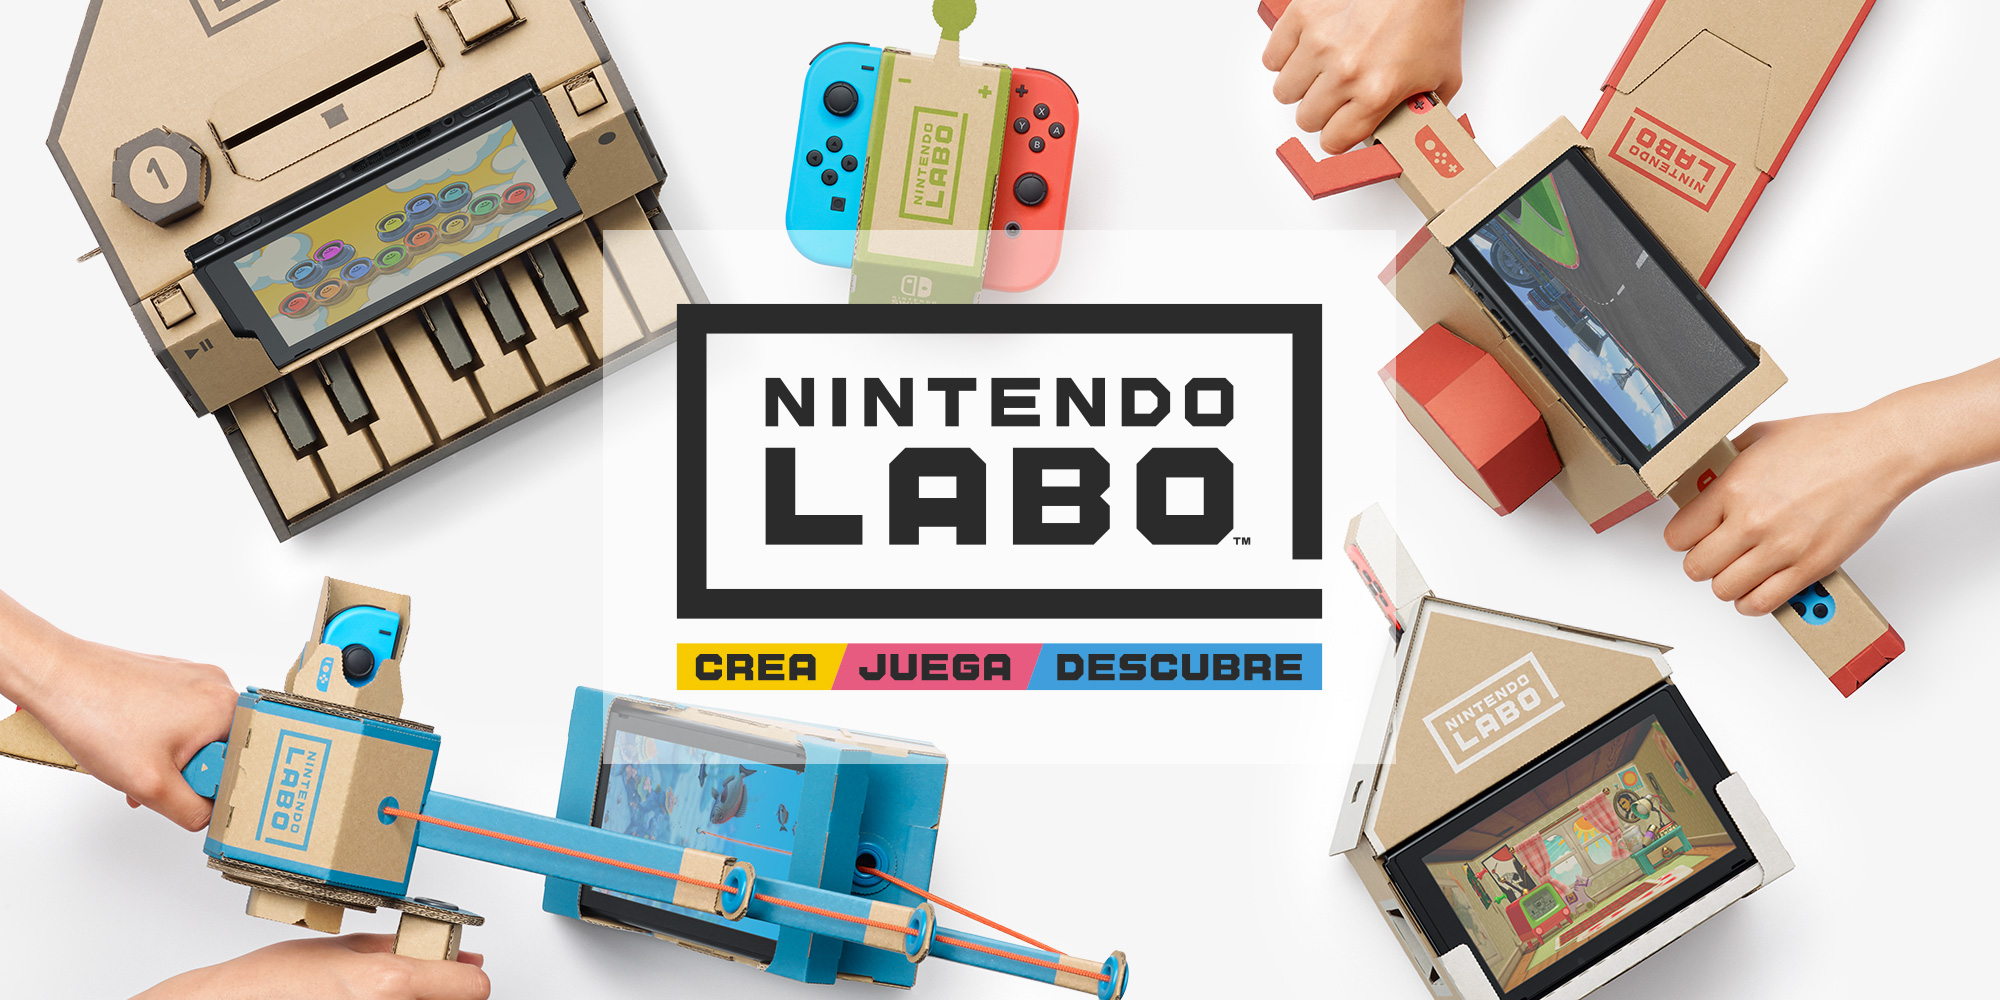 Resultado de imagen de Nintendo labo